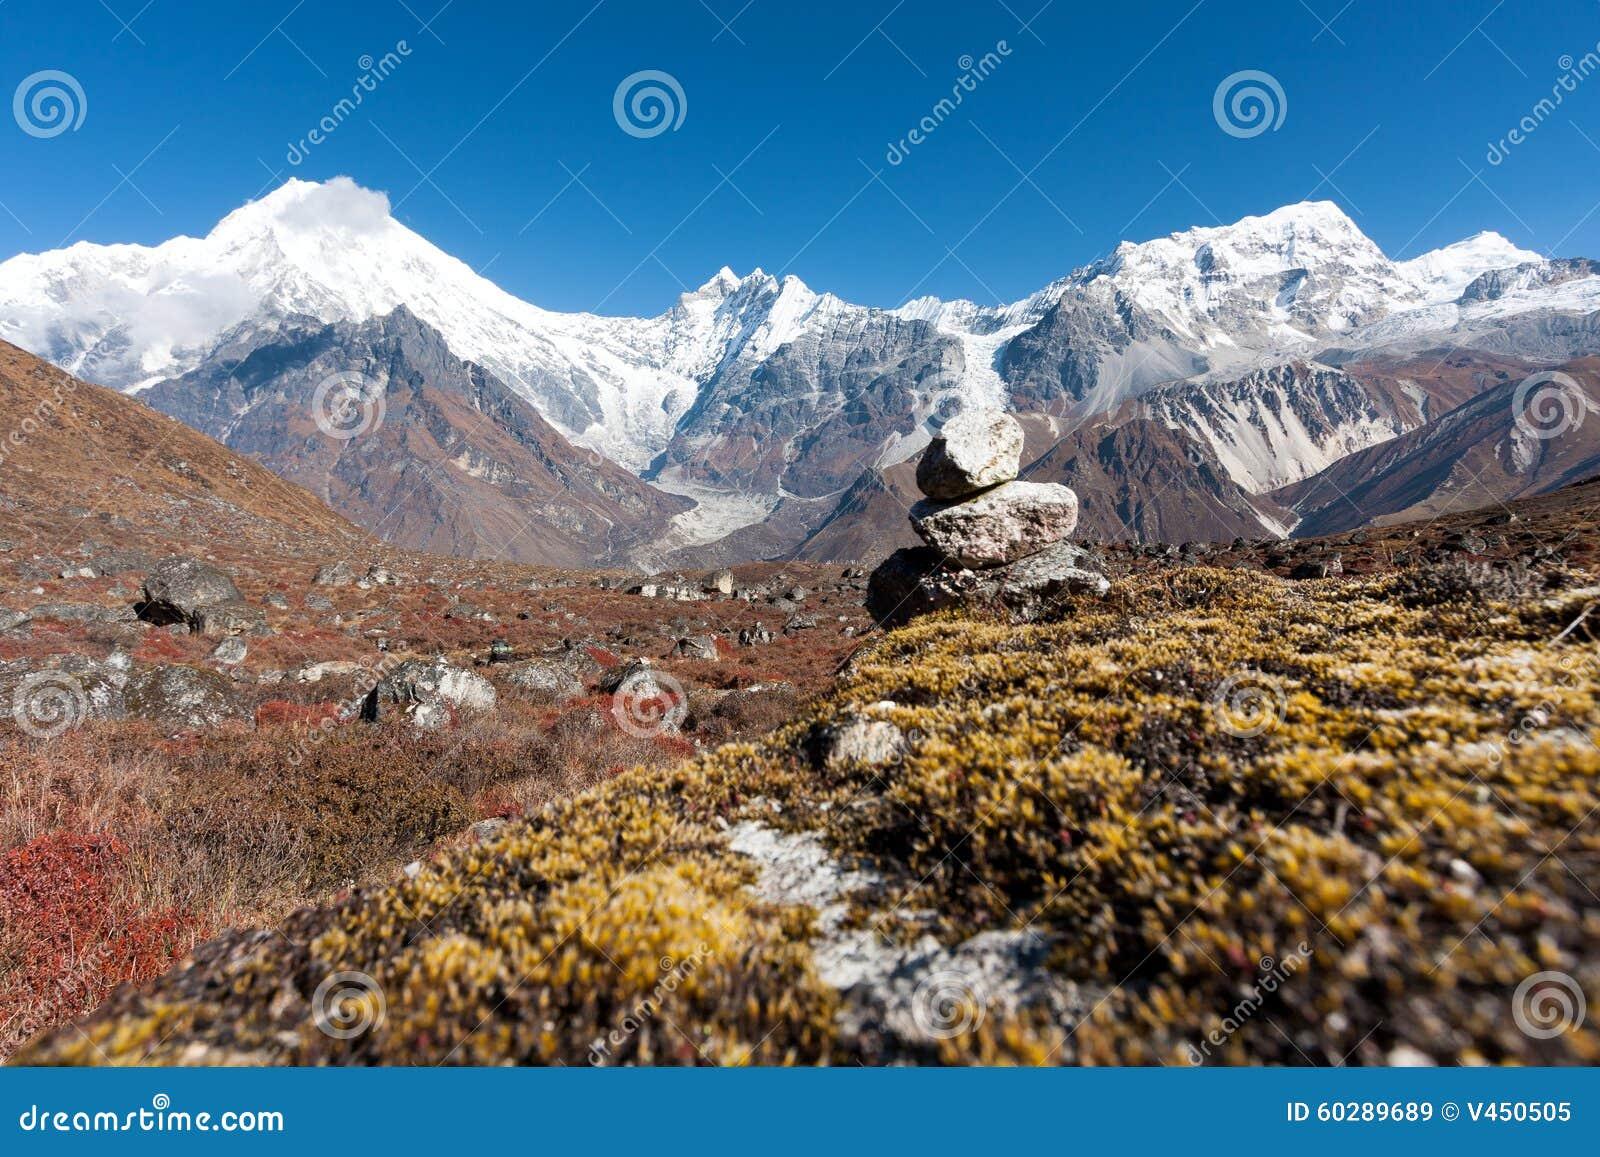 Sikt av den Langtang dalen med Mt Langtang Lirung i bakgrunden, Langtang, Bagmati, Nepal